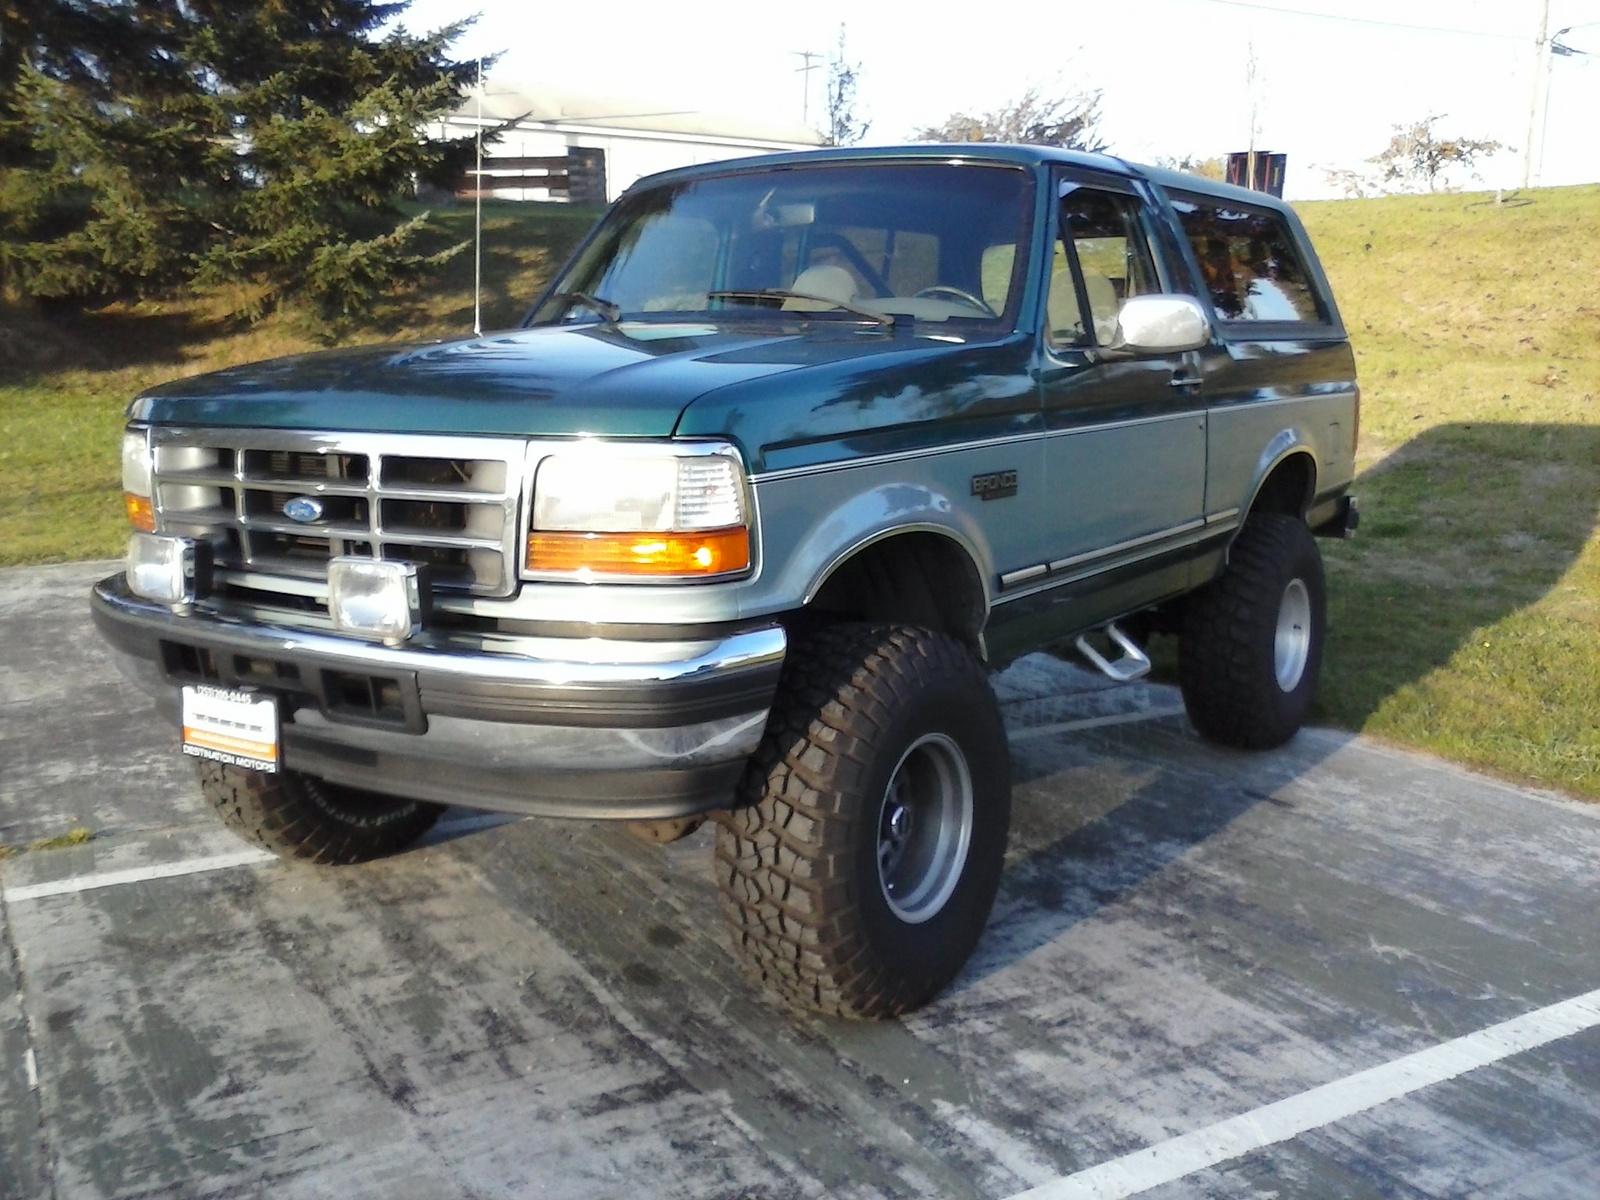 1996 Ford Bronco - Pictures - CarGurus